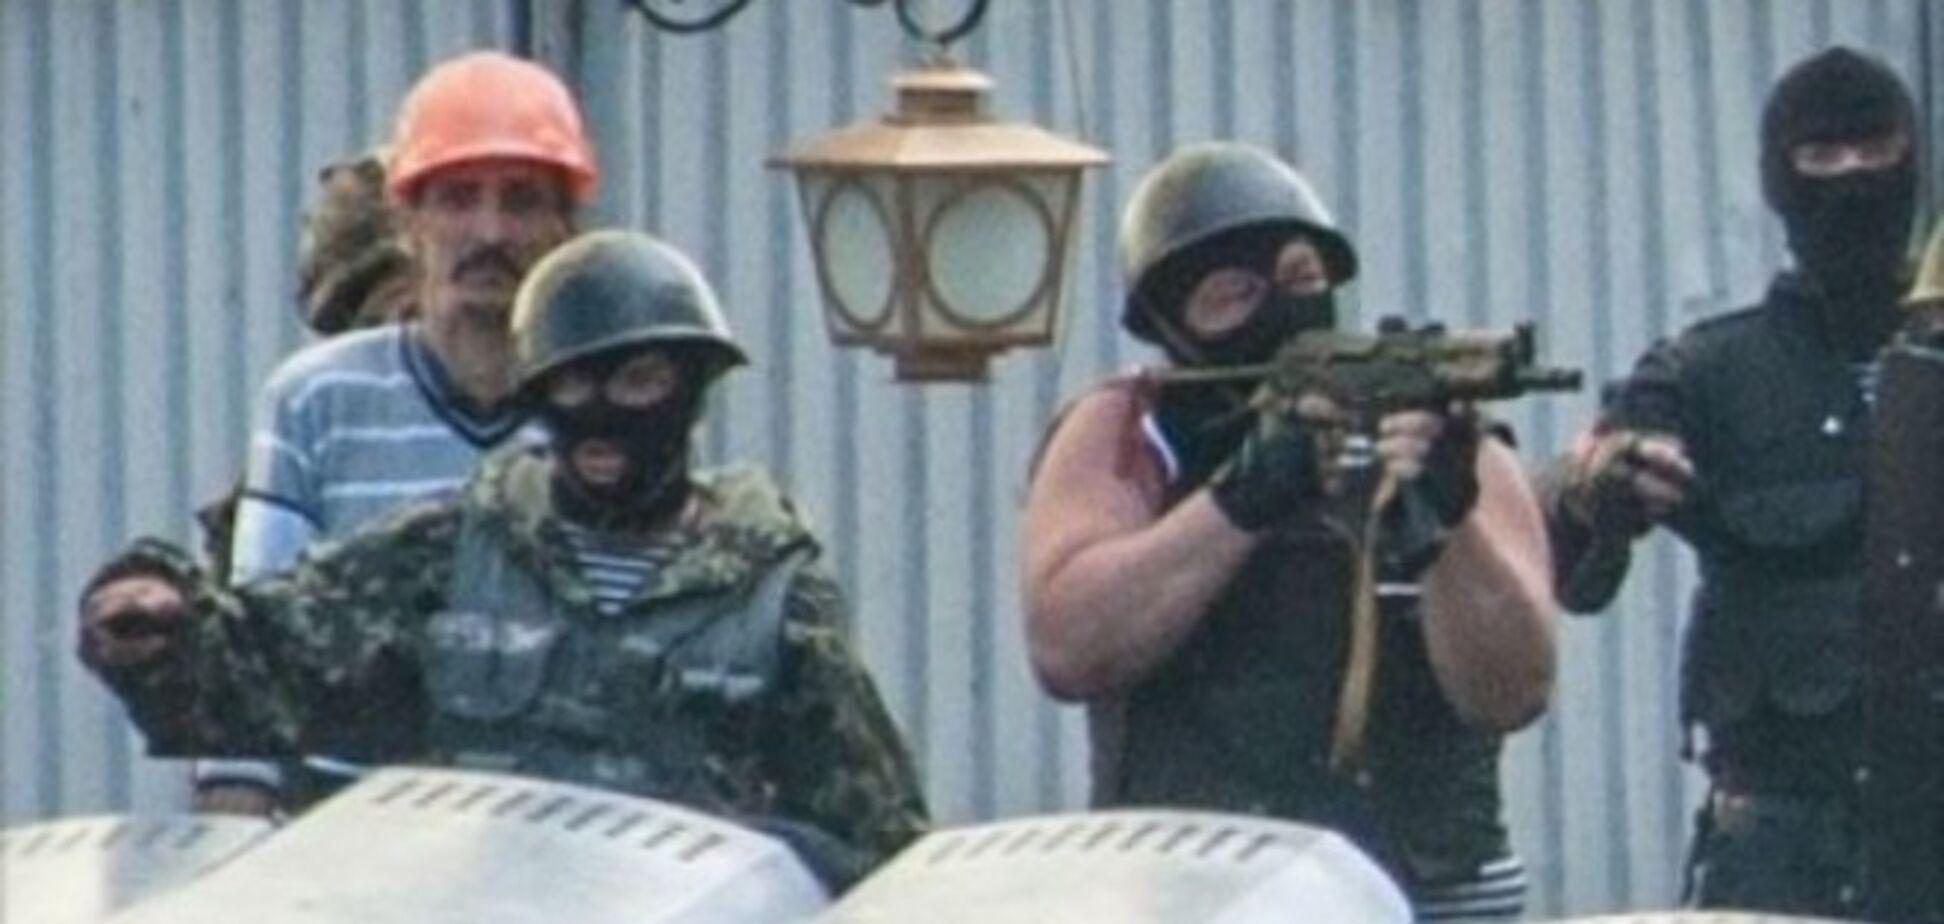 Задержаны четверо подозреваемых в организации беспорядков в Одессе 2 мая